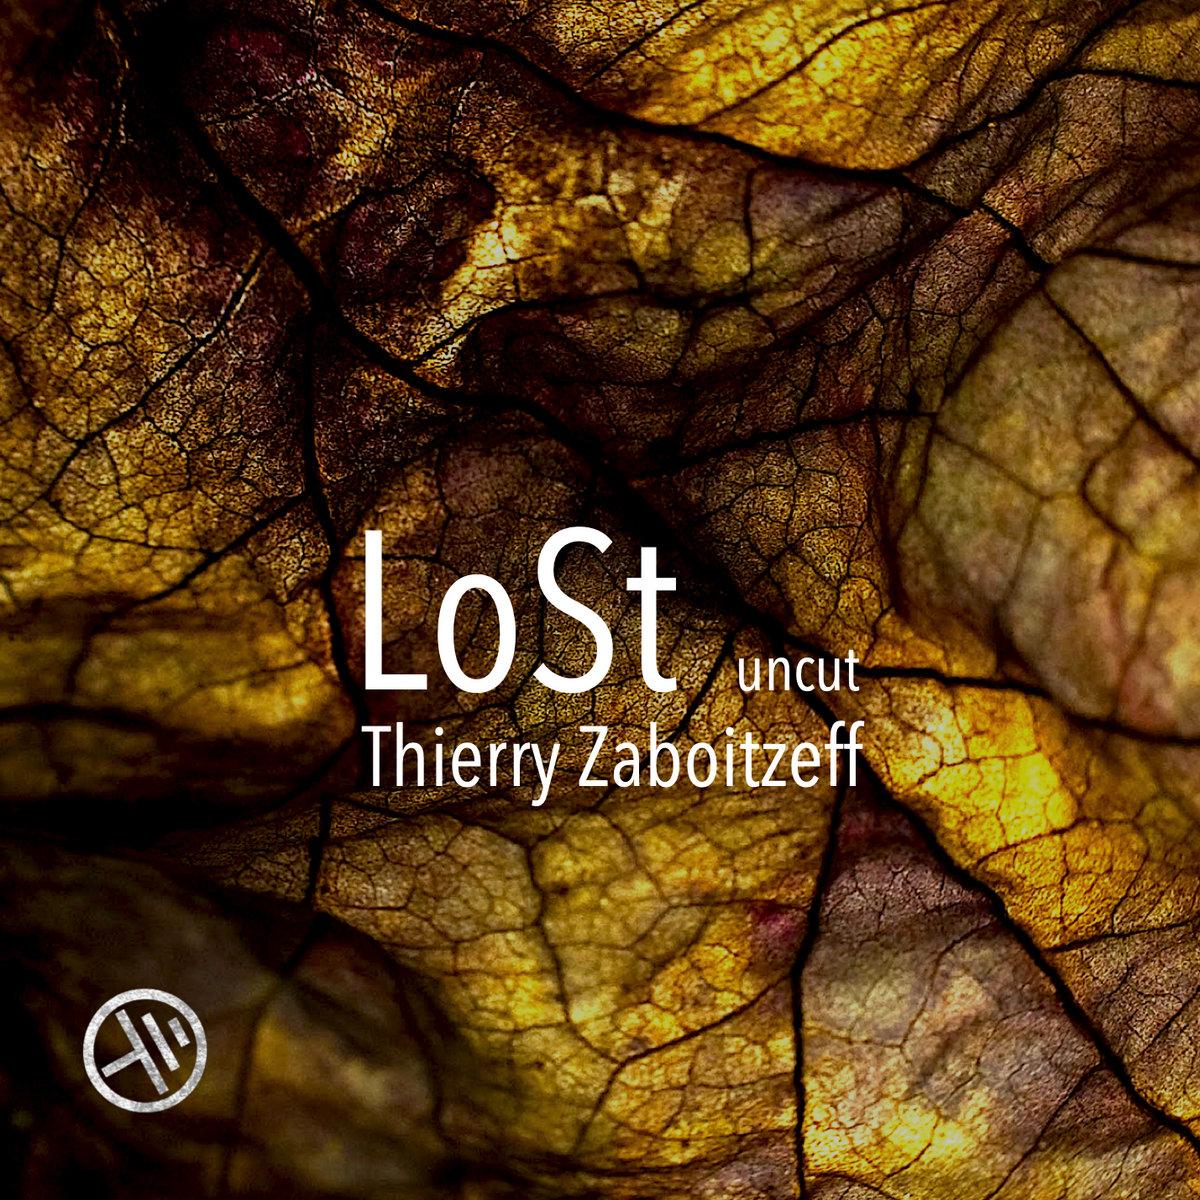 Thierry Zaboitzeff — Lost - Uncut